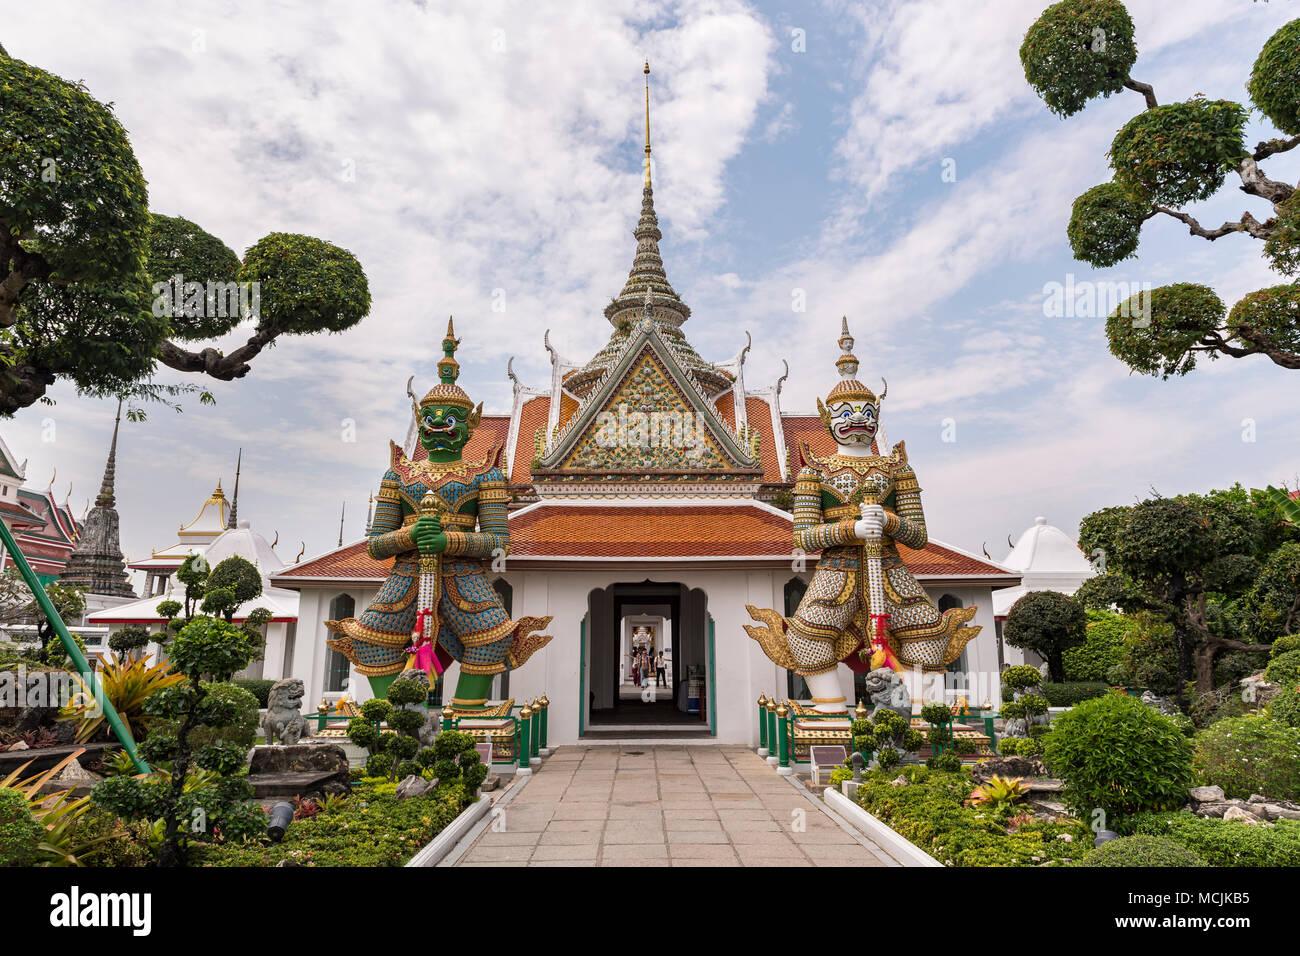 Templo con guardias del templo, el templo de Wat Arun, el Templo del Amanecer, Bangkok, Tailandia Imagen De Stock